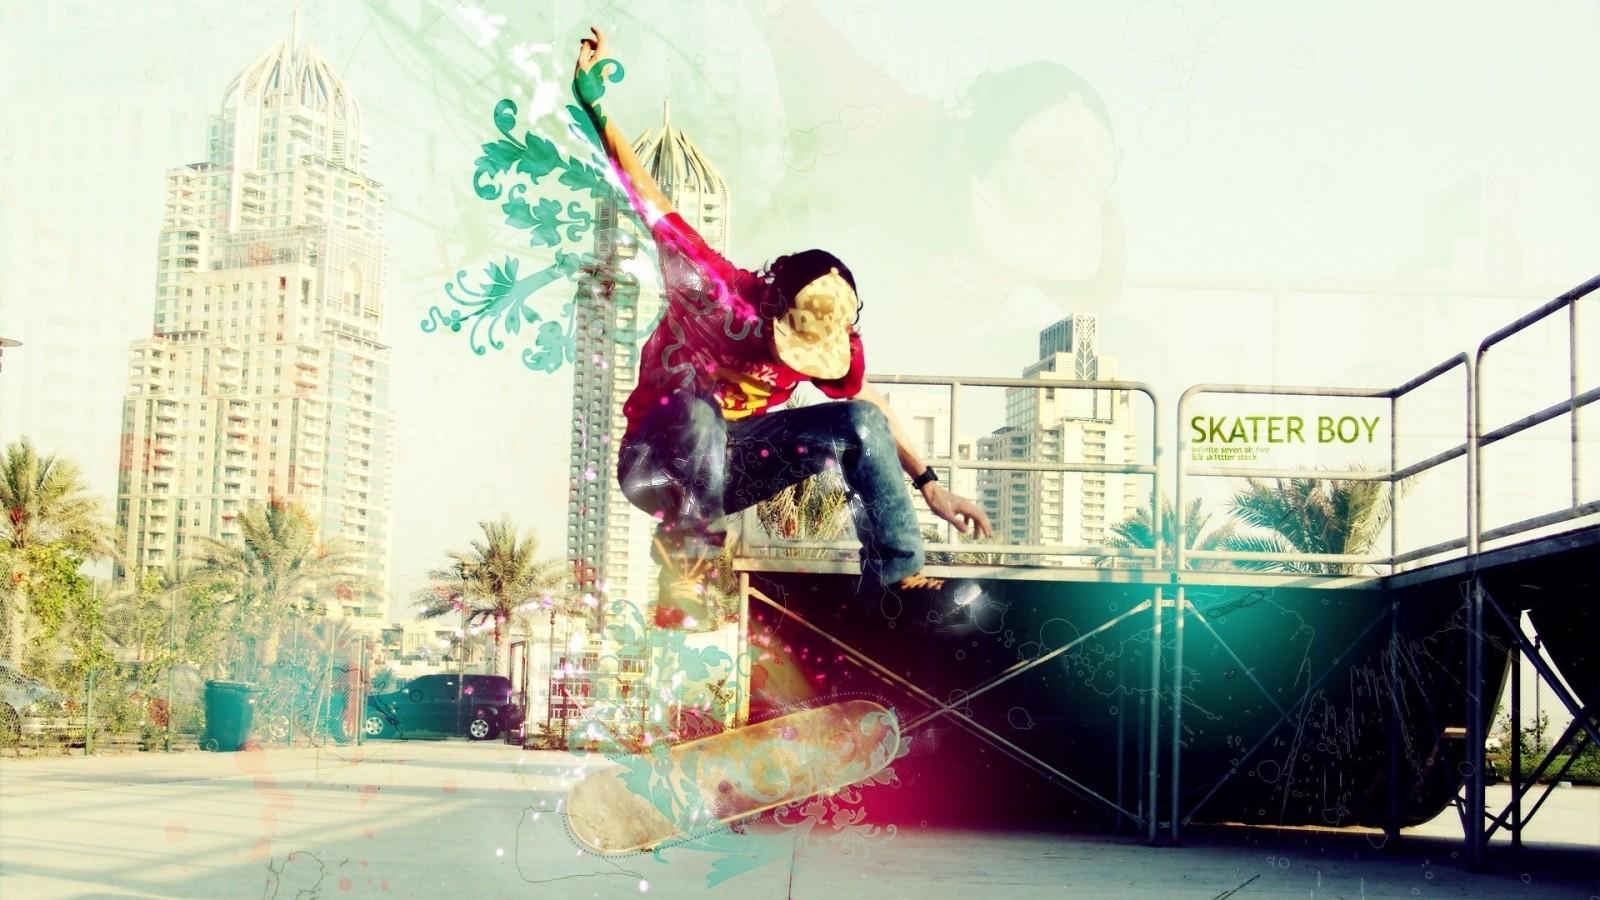 Girl Skateboard Skater Boy Wallpaper #95137 - Resolution 1600x900